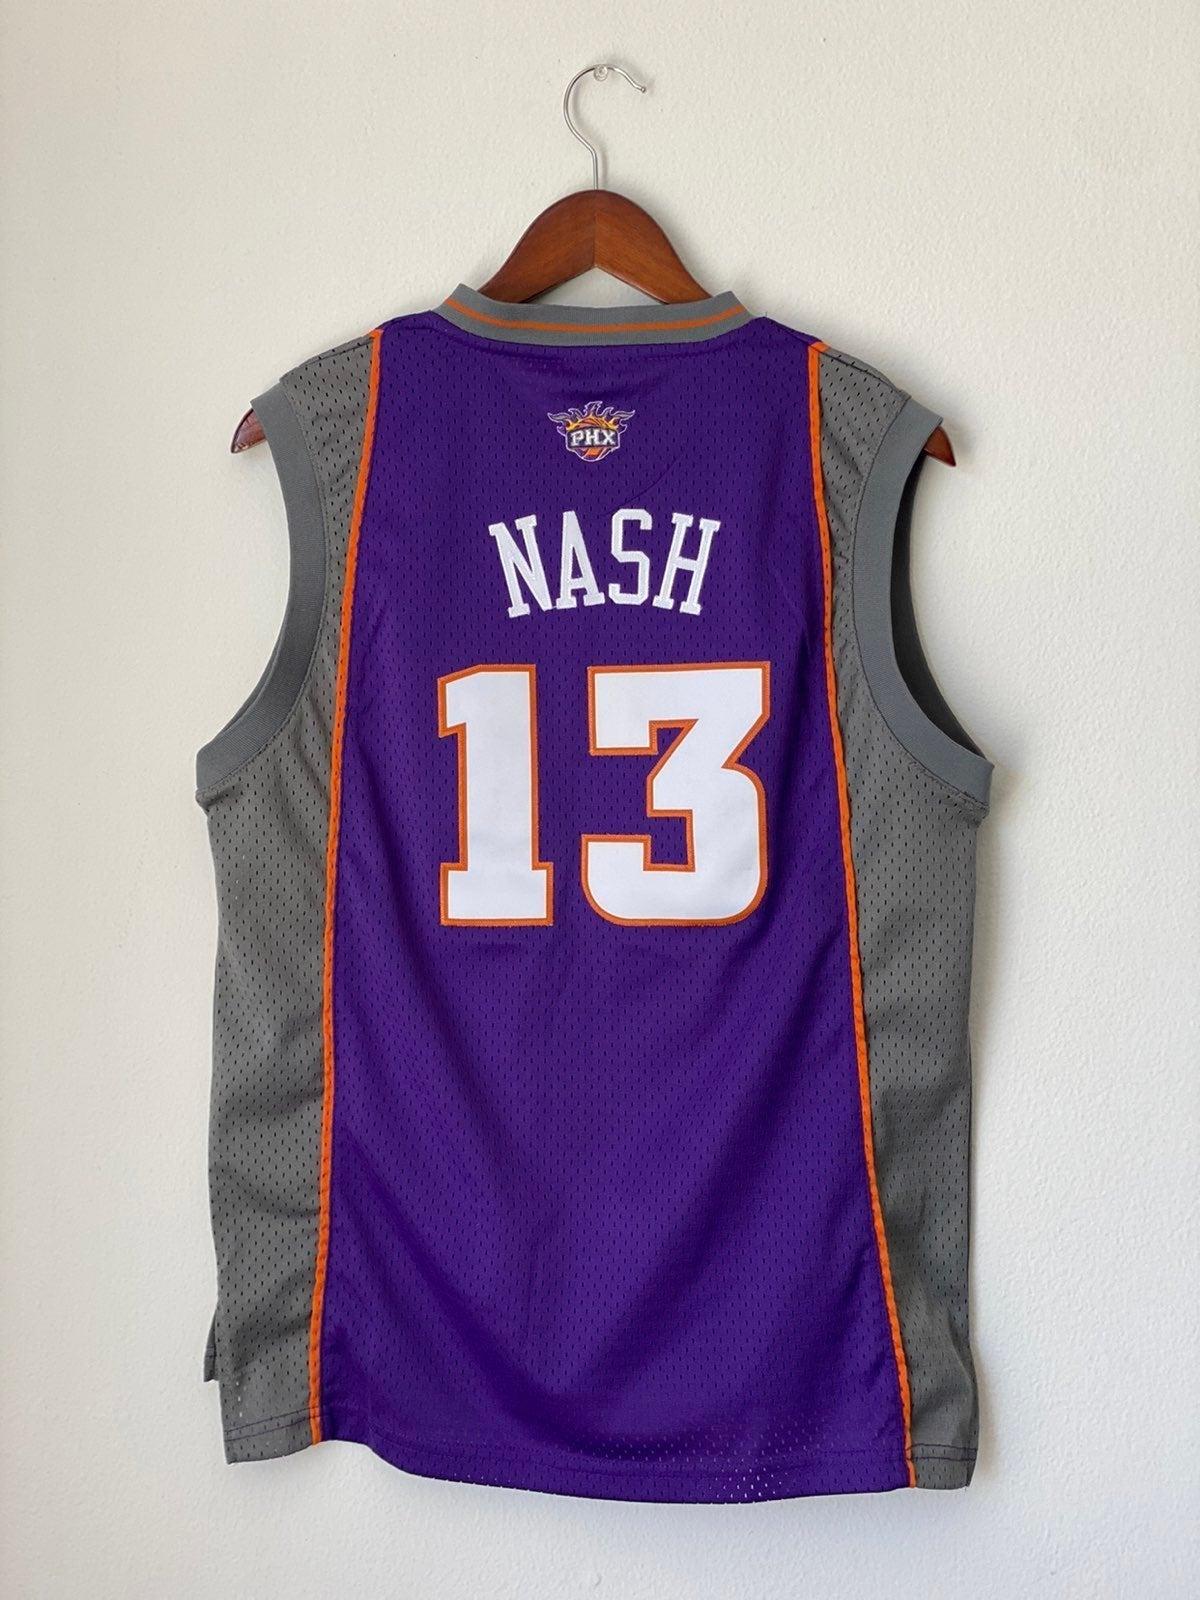 Vtg Phoenix Suns Steve Nash Jersey